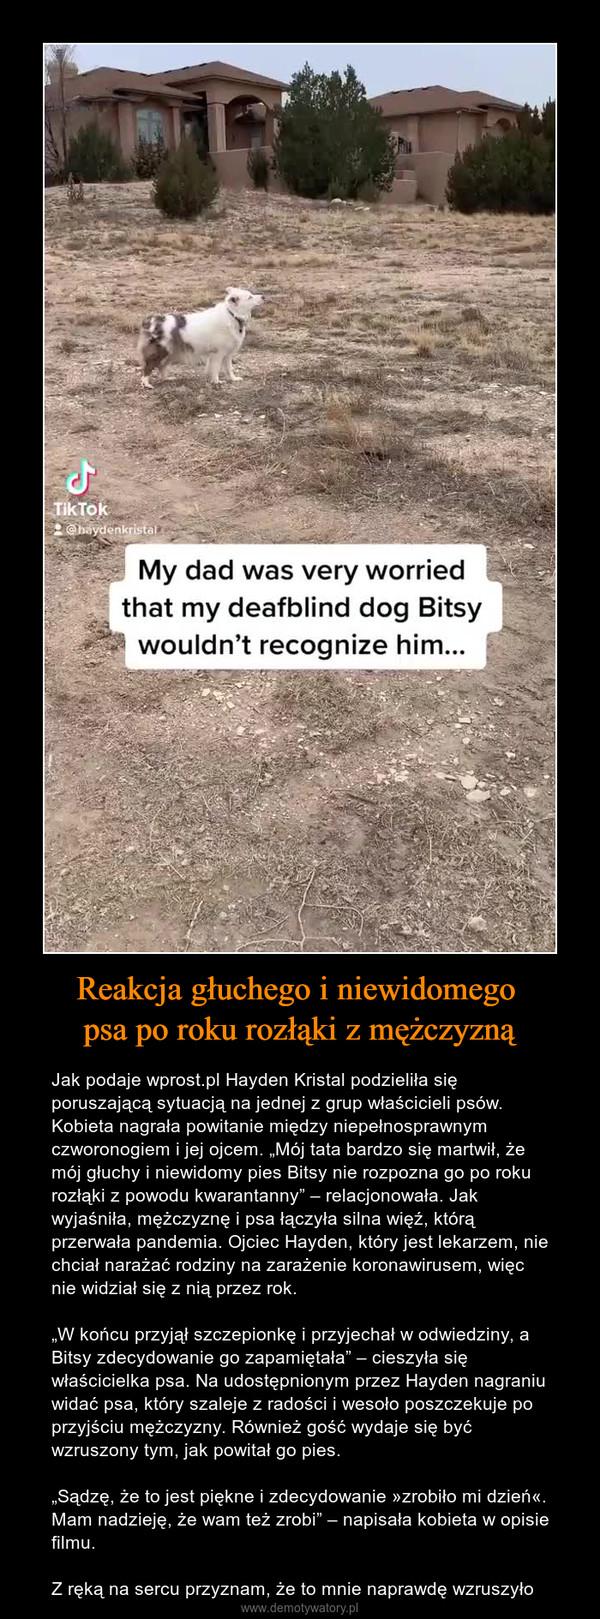 """Reakcja głuchego i niewidomego psa po roku rozłąki z mężczyzną – Jak podaje wprost.pl Hayden Kristal podzieliła się poruszającą sytuacją na jednej z grup właścicieli psów. Kobieta nagrała powitanie między niepełnosprawnym czworonogiem i jej ojcem. """"Mój tata bardzo się martwił, że mój głuchy i niewidomy pies Bitsy nie rozpozna go po roku rozłąki z powodu kwarantanny"""" – relacjonowała. Jak wyjaśniła, mężczyznę i psa łączyła silna więź, którą przerwała pandemia. Ojciec Hayden, który jest lekarzem, nie chciał narażać rodziny na zarażenie koronawirusem, więc nie widział się z nią przez rok.""""W końcu przyjął szczepionkę i przyjechał w odwiedziny, a Bitsy zdecydowanie go zapamiętała"""" – cieszyła się właścicielka psa. Na udostępnionym przez Hayden nagraniu widać psa, który szaleje z radości i wesoło poszczekuje po przyjściu mężczyzny. Również gość wydaje się być wzruszony tym, jak powitał go pies.""""Sądzę, że to jest piękne i zdecydowanie »zrobiło mi dzień«. Mam nadzieję, że wam też zrobi"""" – napisała kobieta w opisie filmu.Z ręką na sercu przyznam, że to mnie naprawdę wzruszyło"""